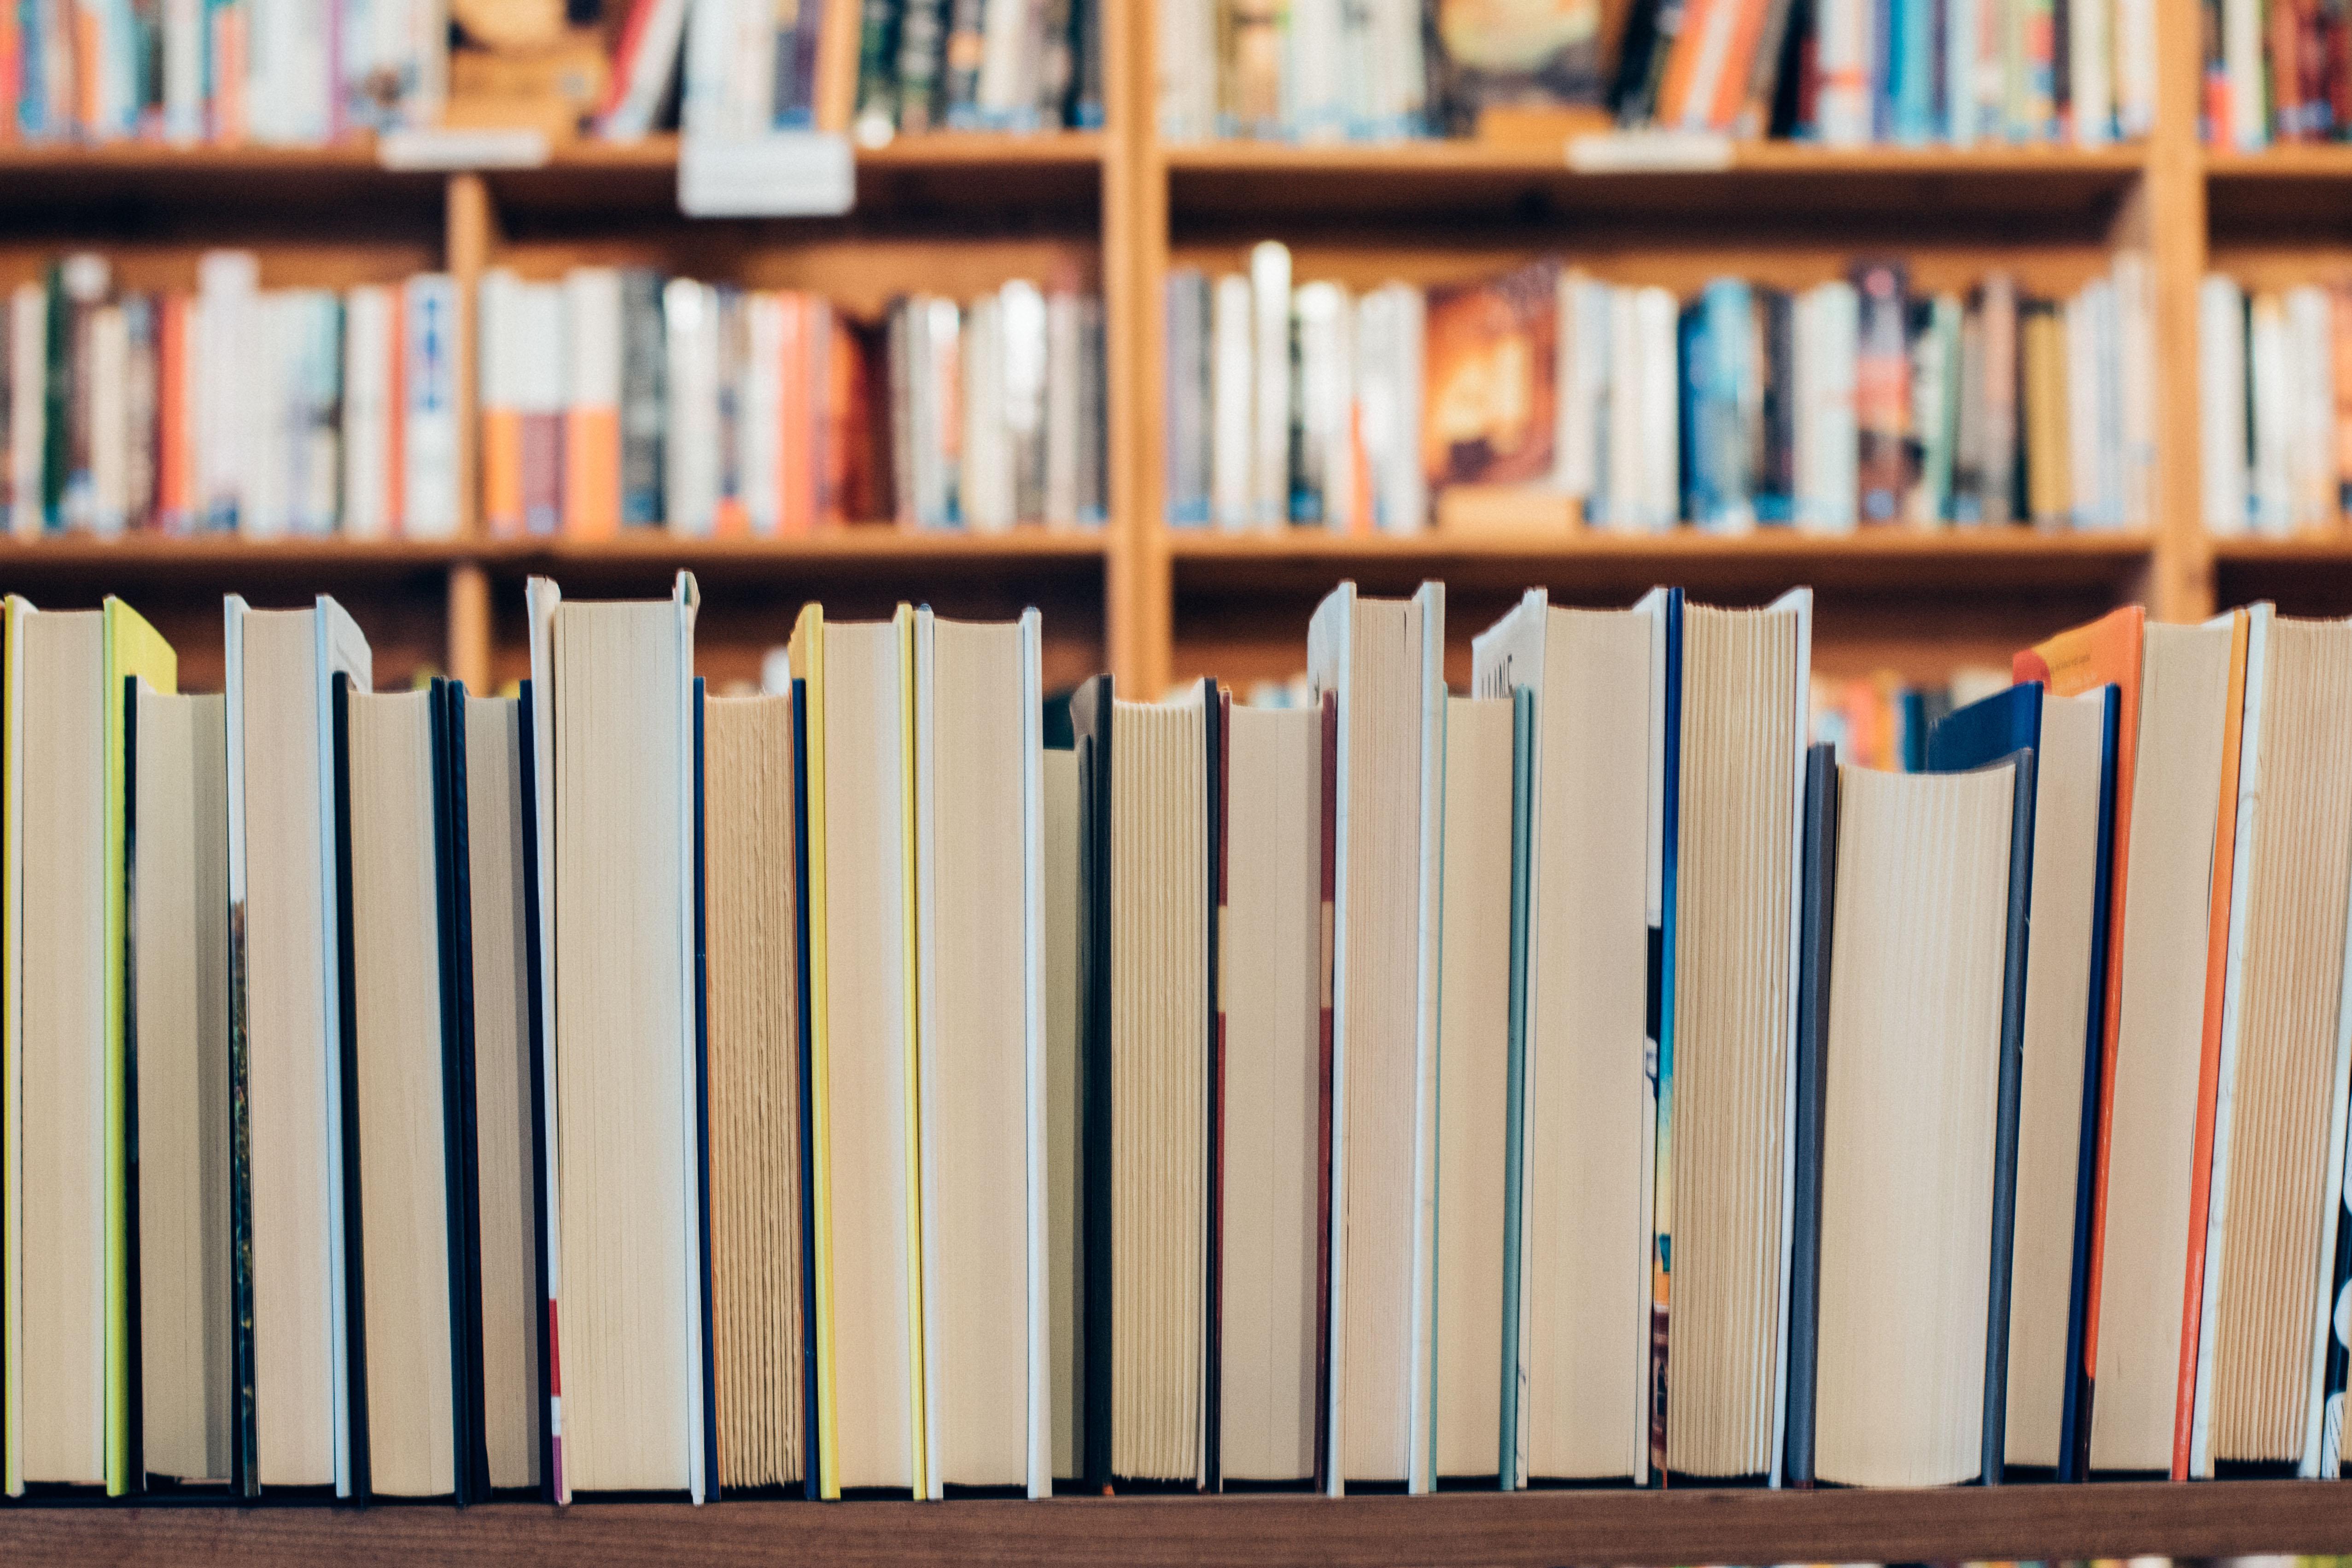 Turečtí popeláři zachraňují vyhozené knihy. Otevřeli vlastní knihovnu